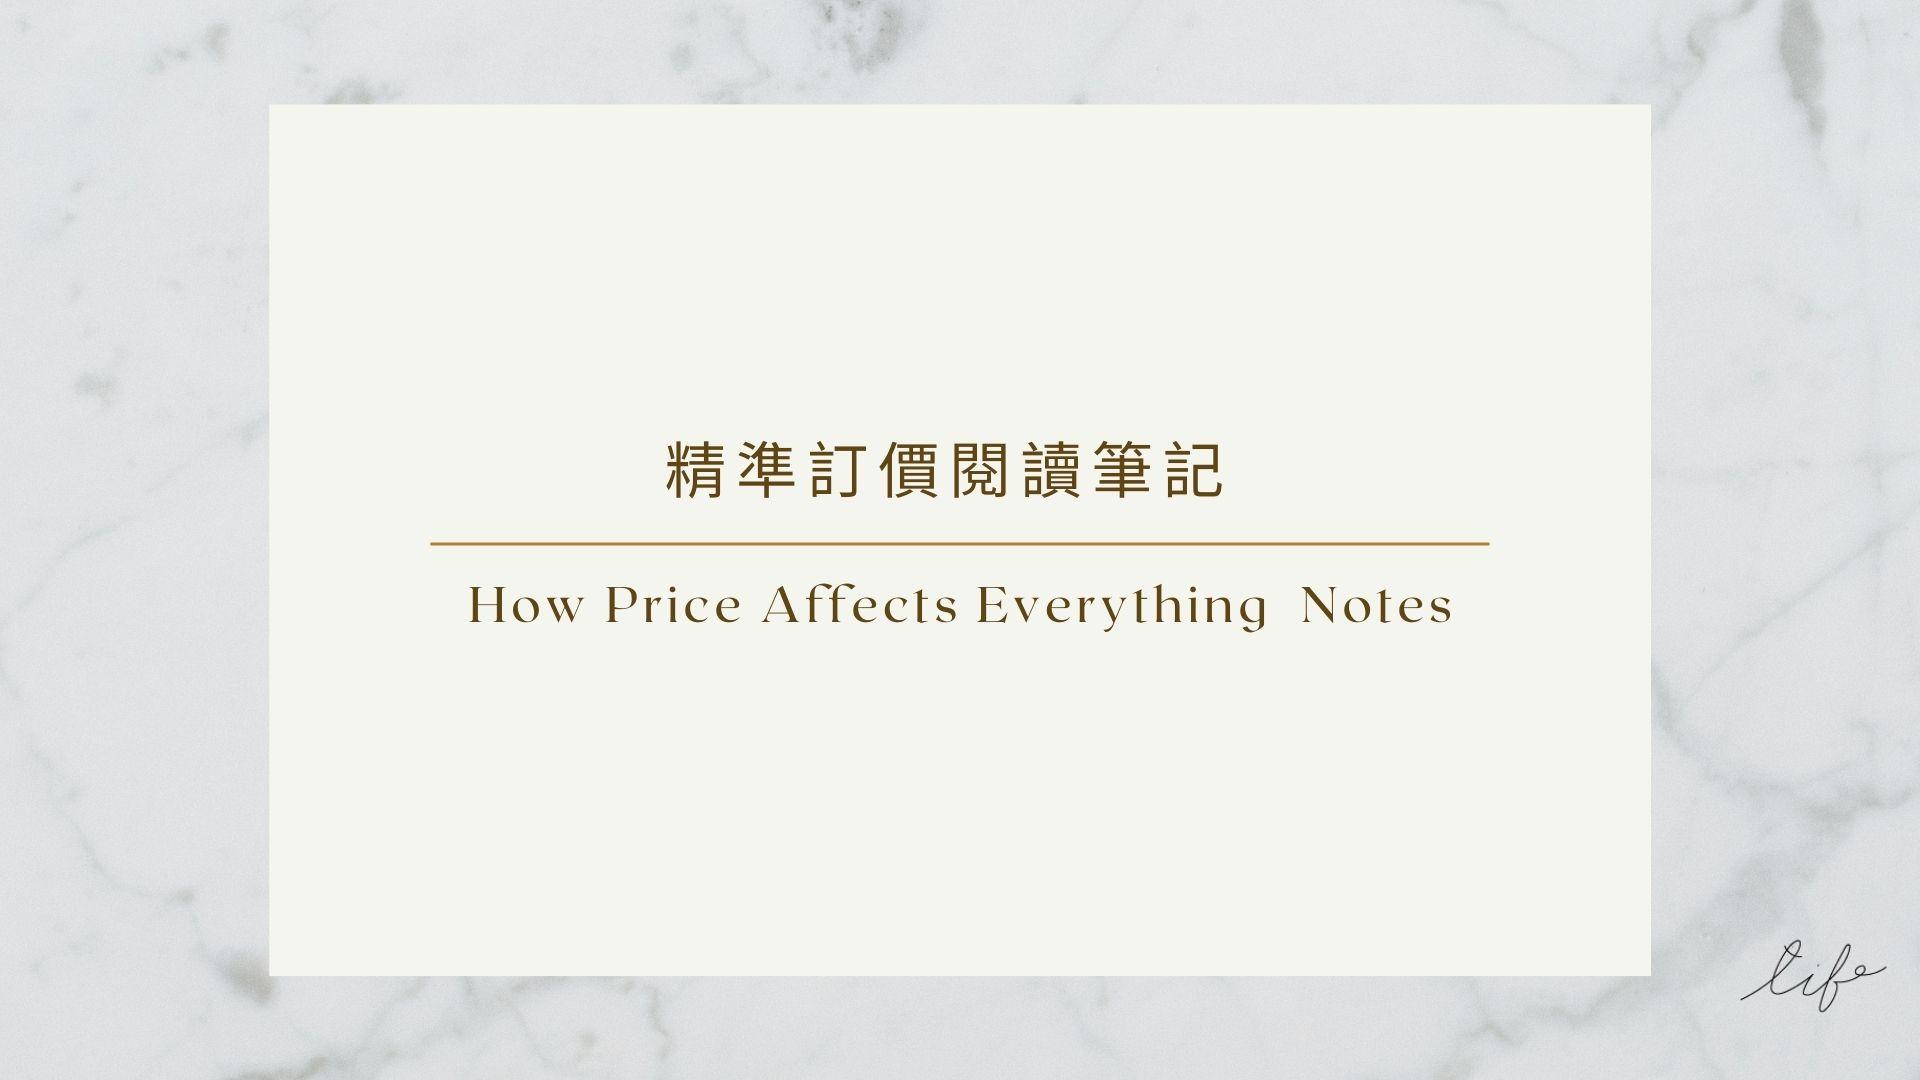 iPhone訂價策略成功只是因為價格高人一等嗎?了解訂價的秘密《精準訂價》閱讀筆記